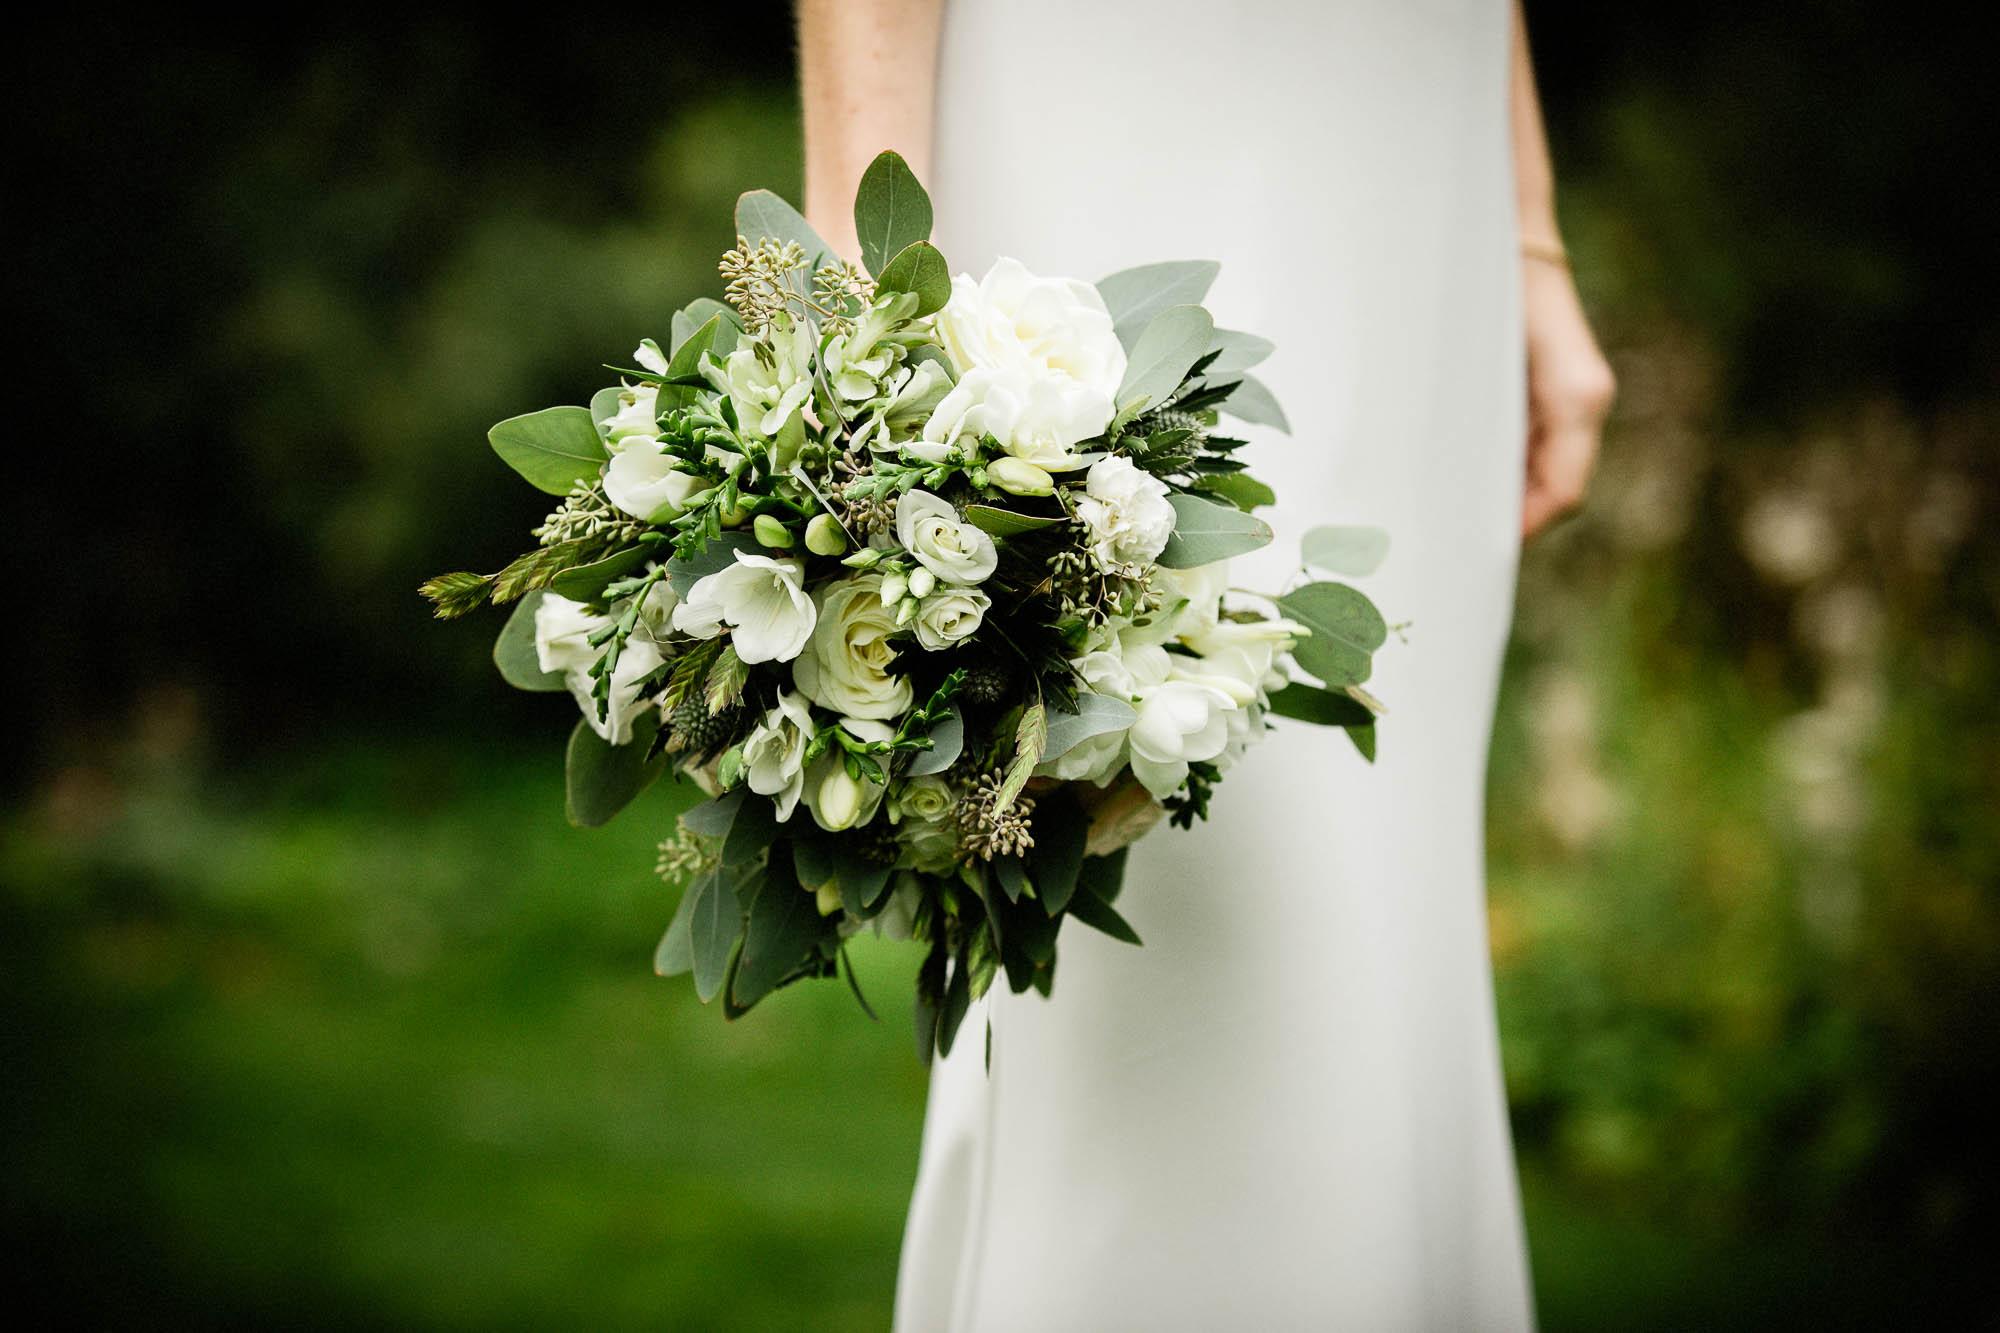 Den flotte baggrund skaber en perfekt baggrund for detaljebilleder af brudekjolen og buketten